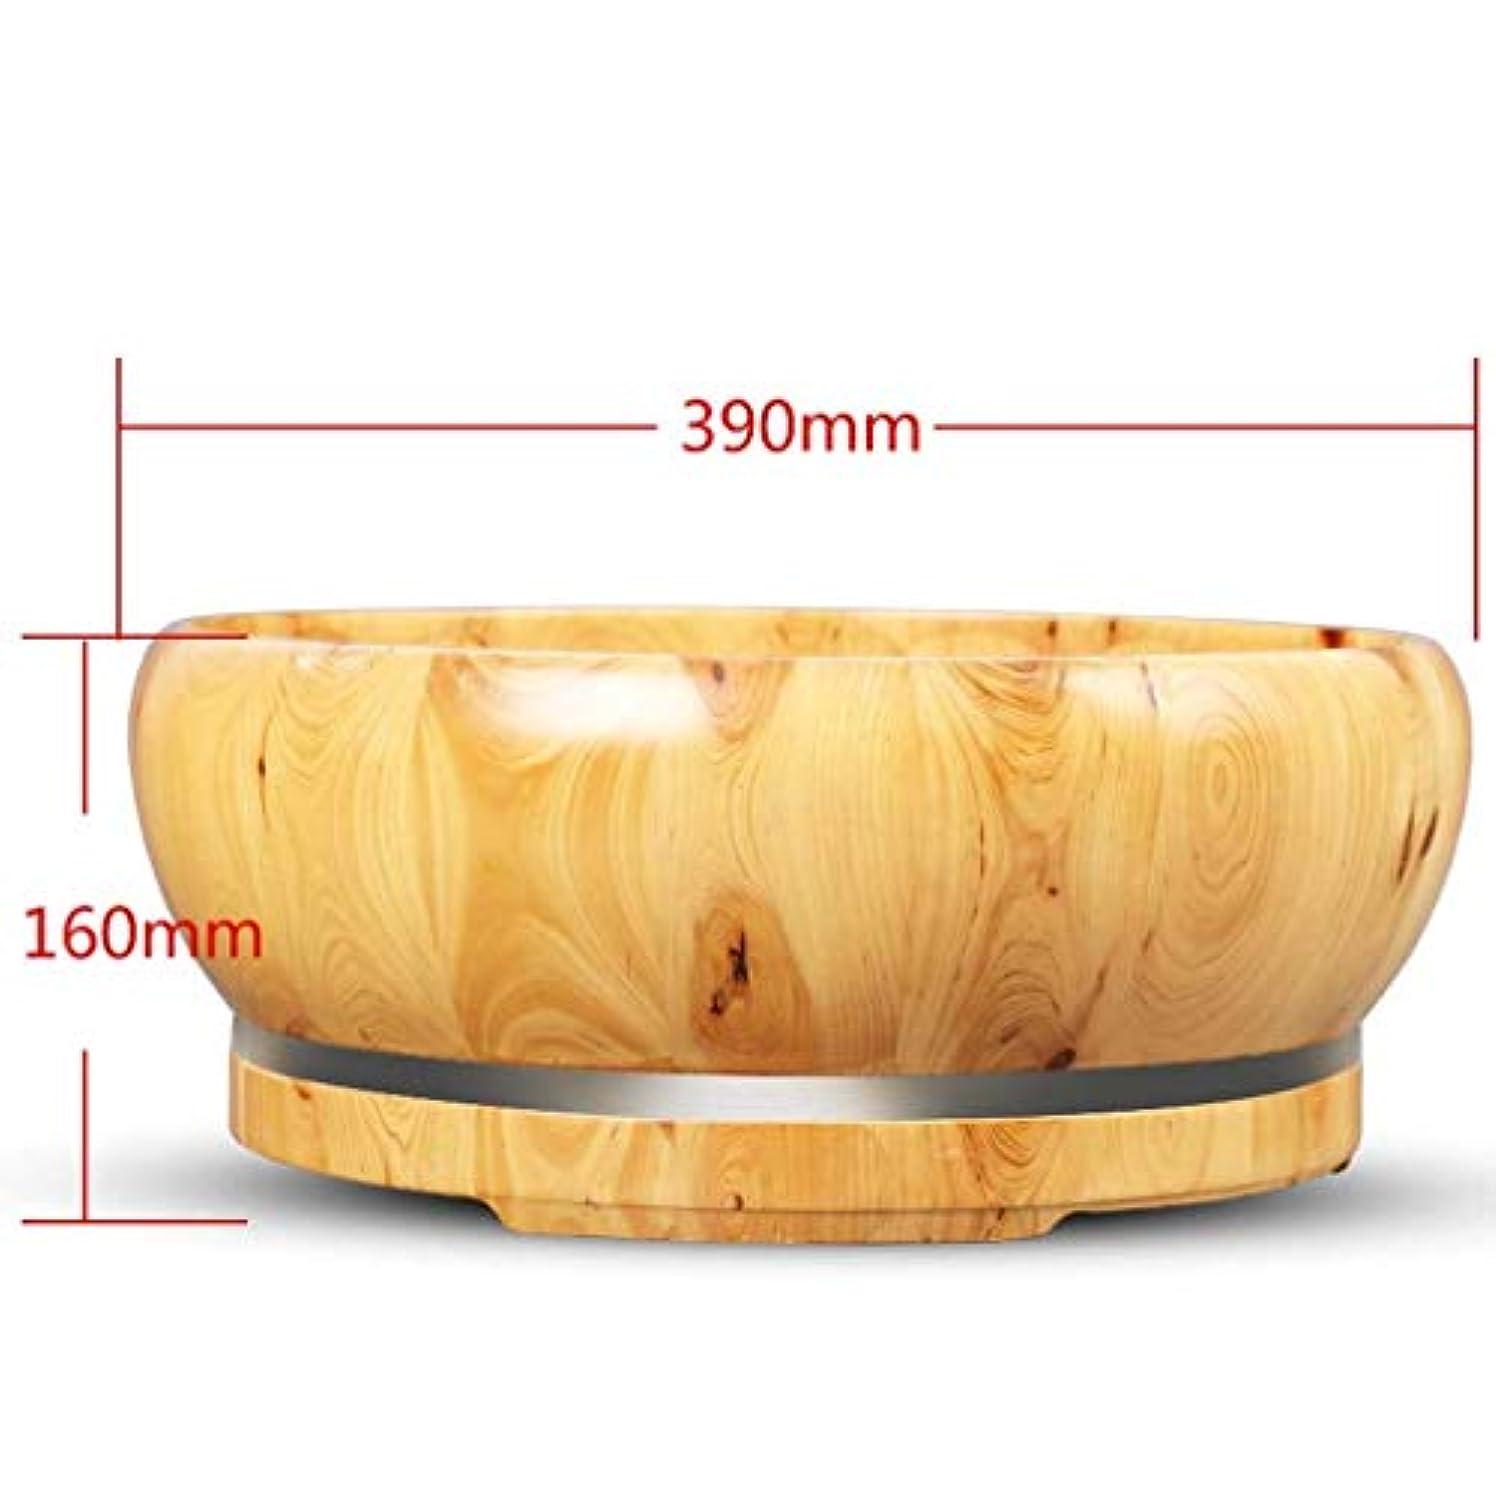 シリンダー思春期のミルス浴槽 フットスパ浴槽、木製フットバスボウル家庭用洗面器Fu蒸バレルフットケア浴槽バケットペディキュア肥厚断熱ボウル美容 (Color : Cedar B)